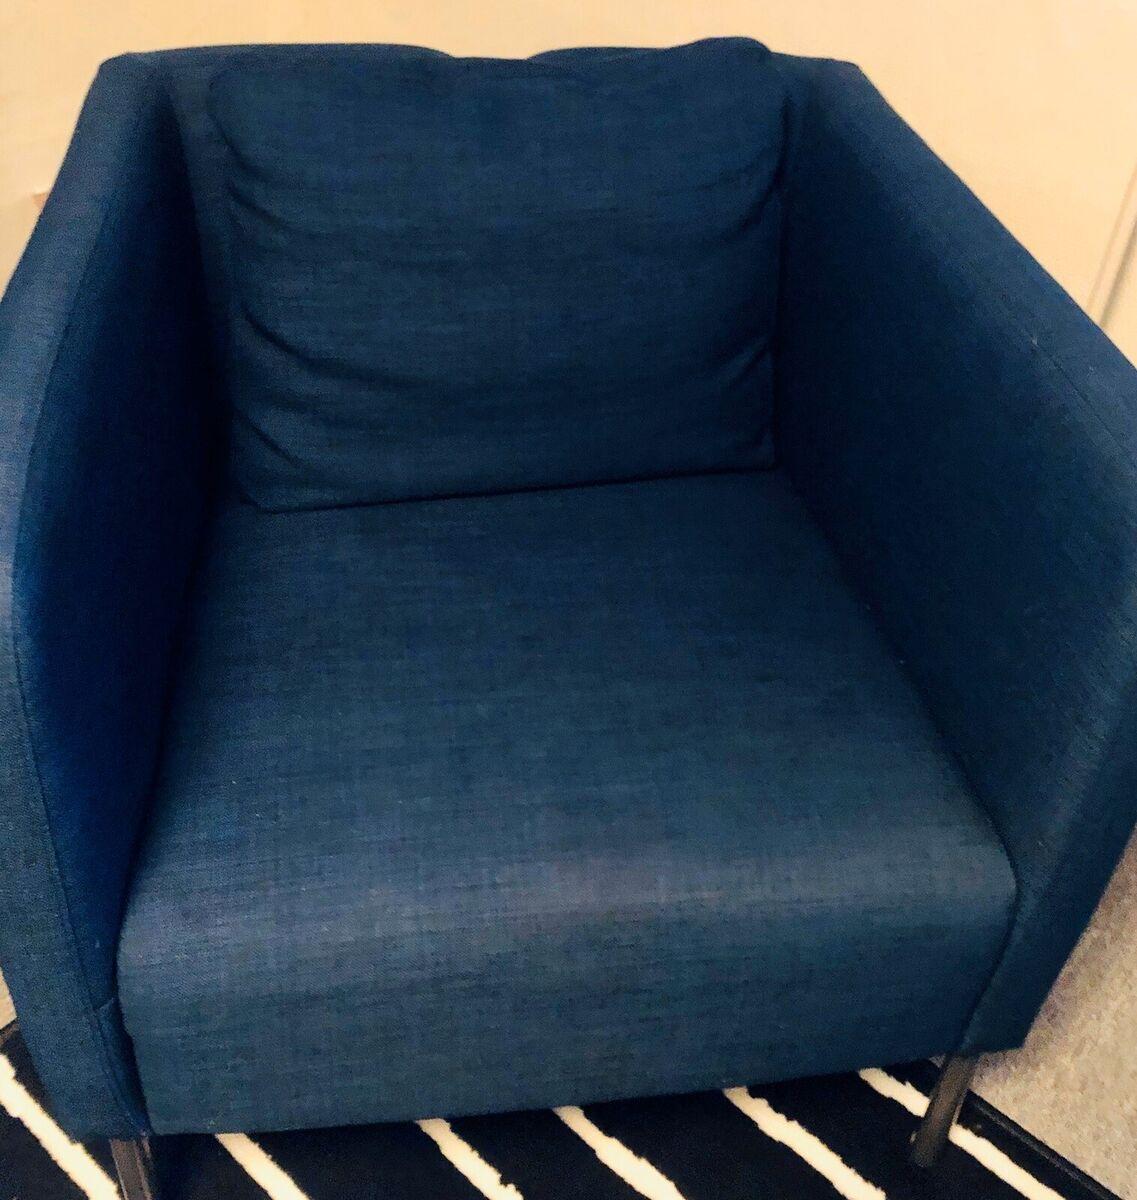 Lænestol, stof, Sofakompagniet, Mørkeblå lænestol fra sof